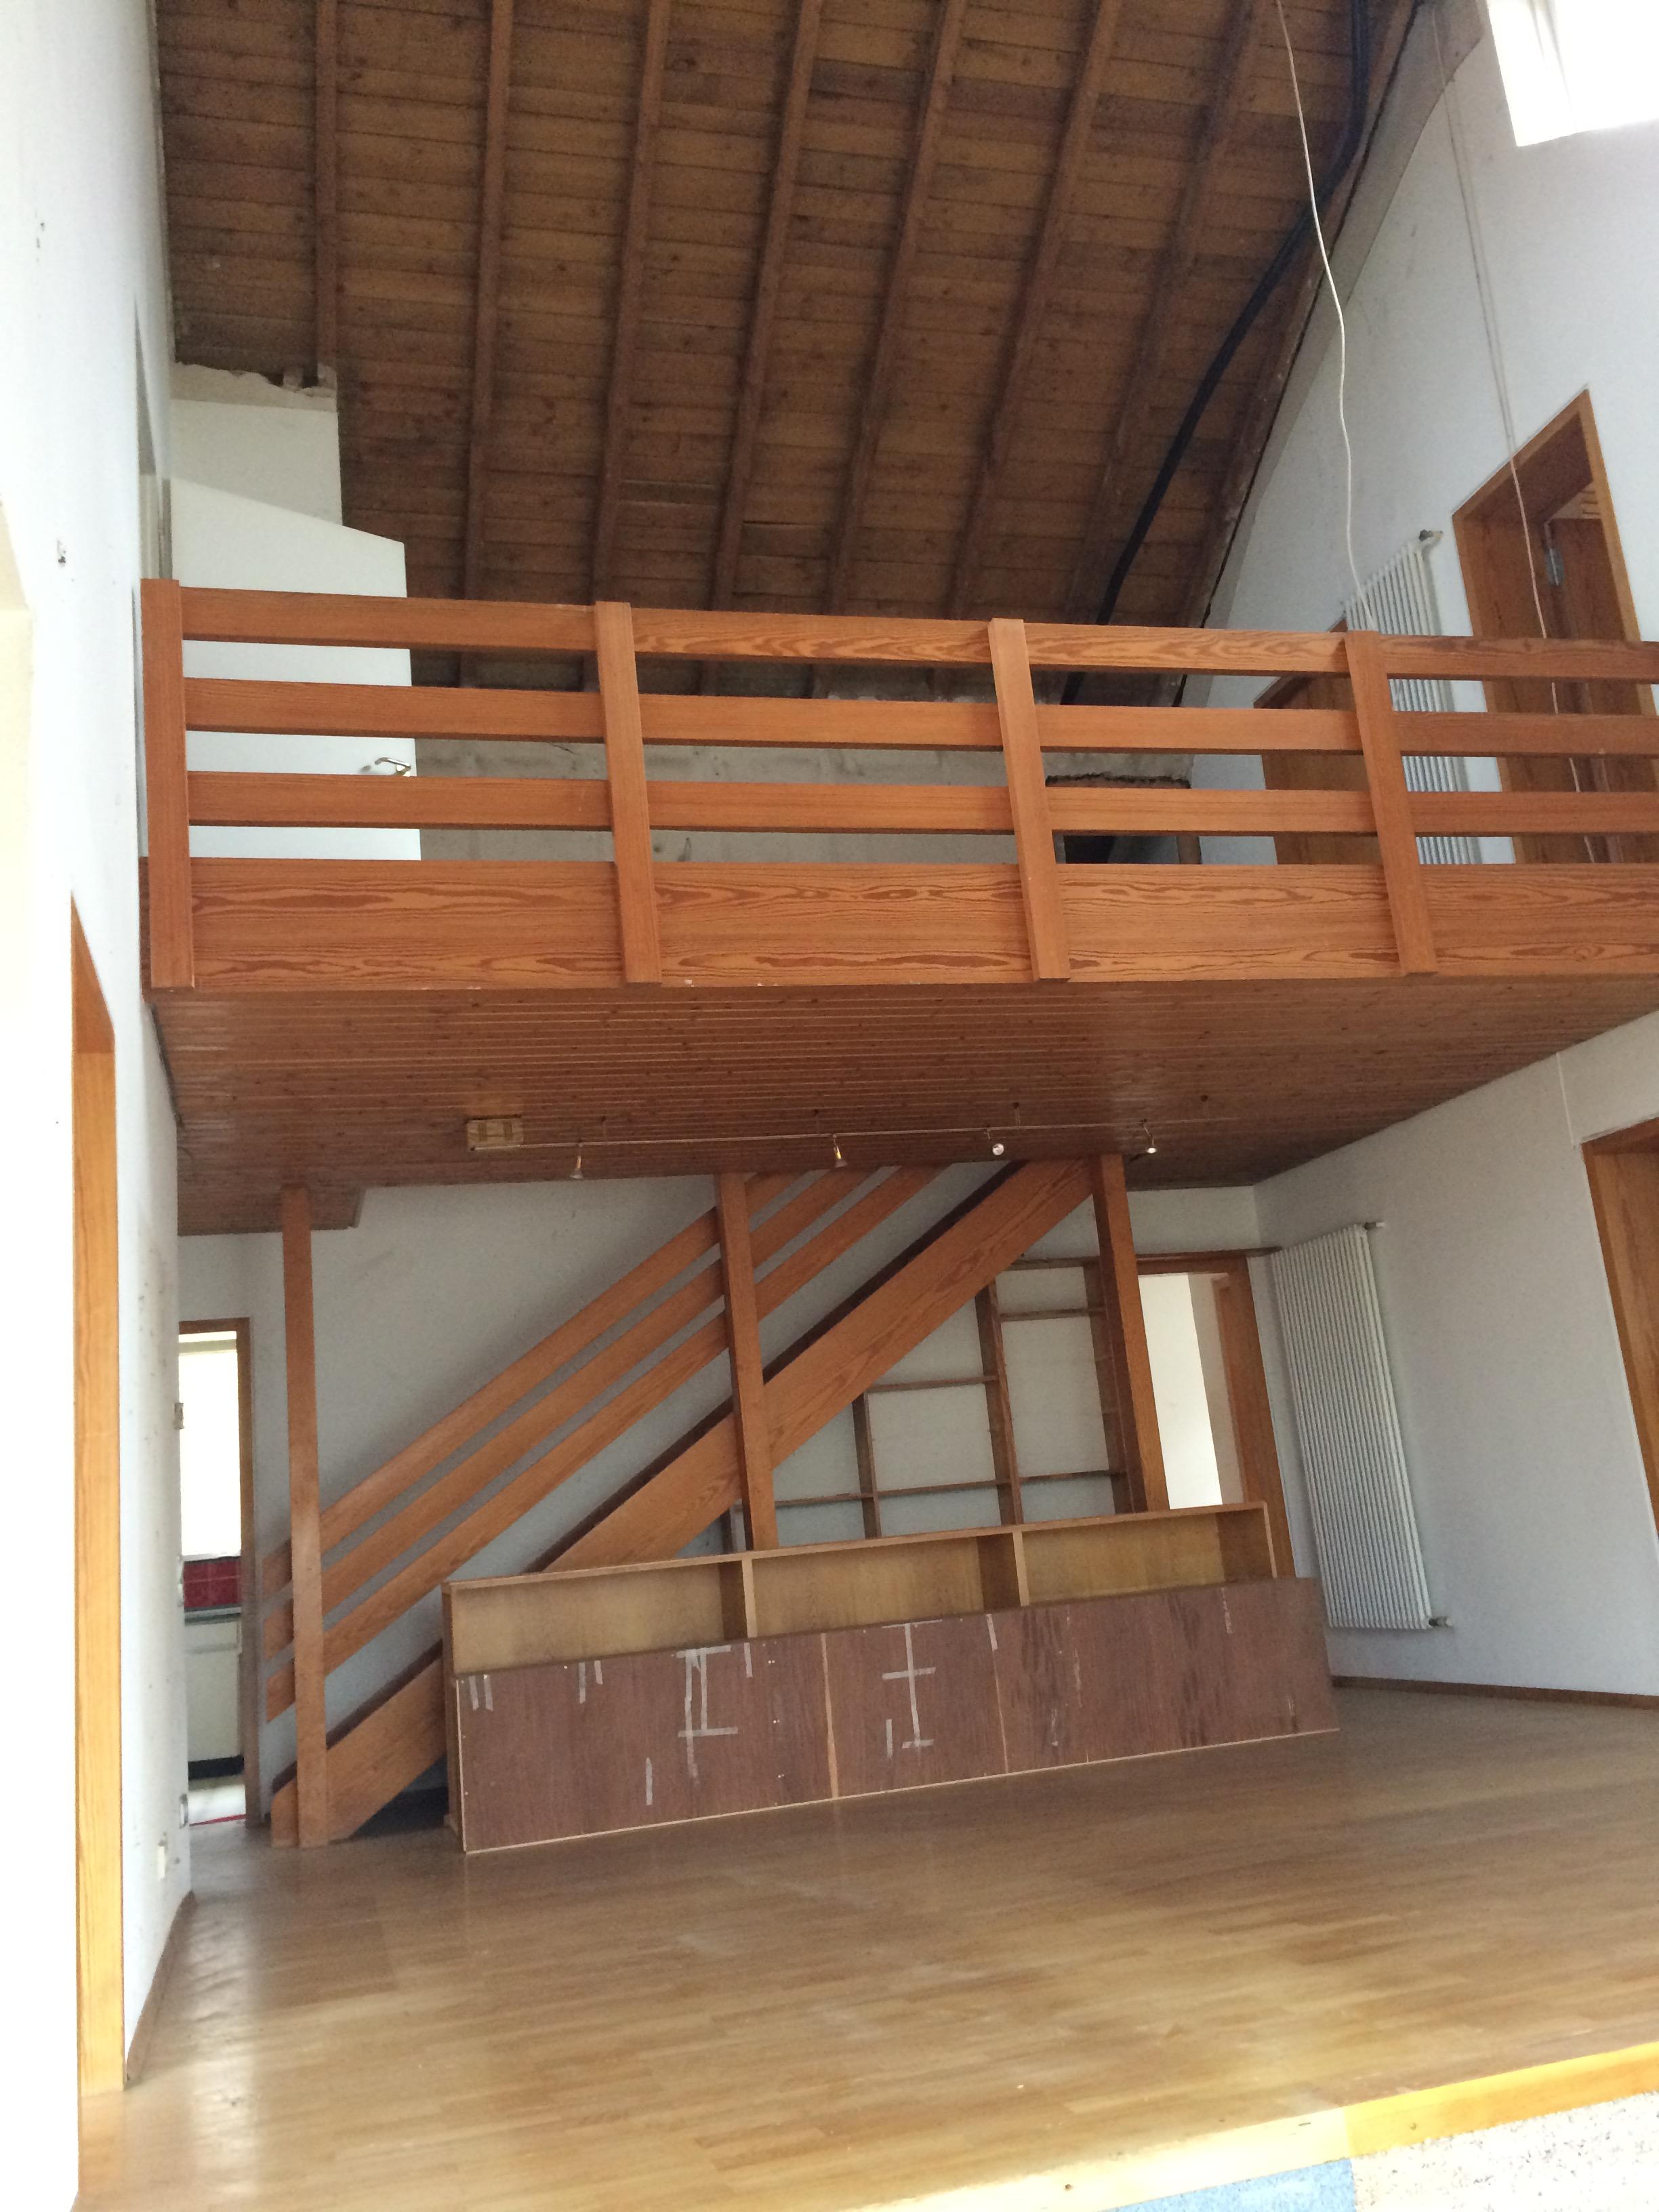 mehr als nur eine dachsanierung anspruchsvoller umbau eines architektenhauses sanierungspreis. Black Bedroom Furniture Sets. Home Design Ideas